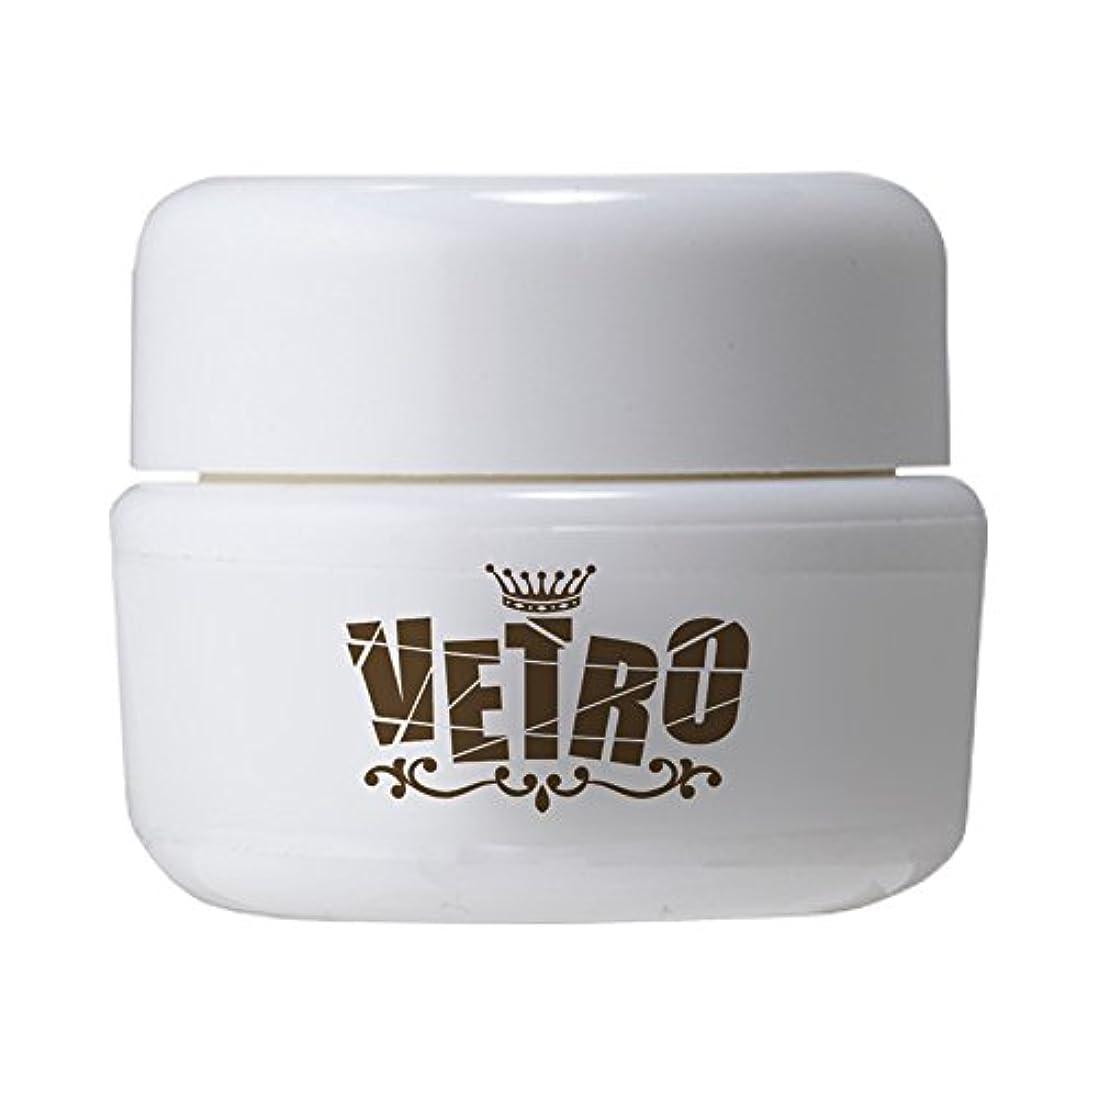 教会生む出くわすベトロ VETRO カラージェル VL283 4ml テクスチャー:ソフト シアー UV/LED対応